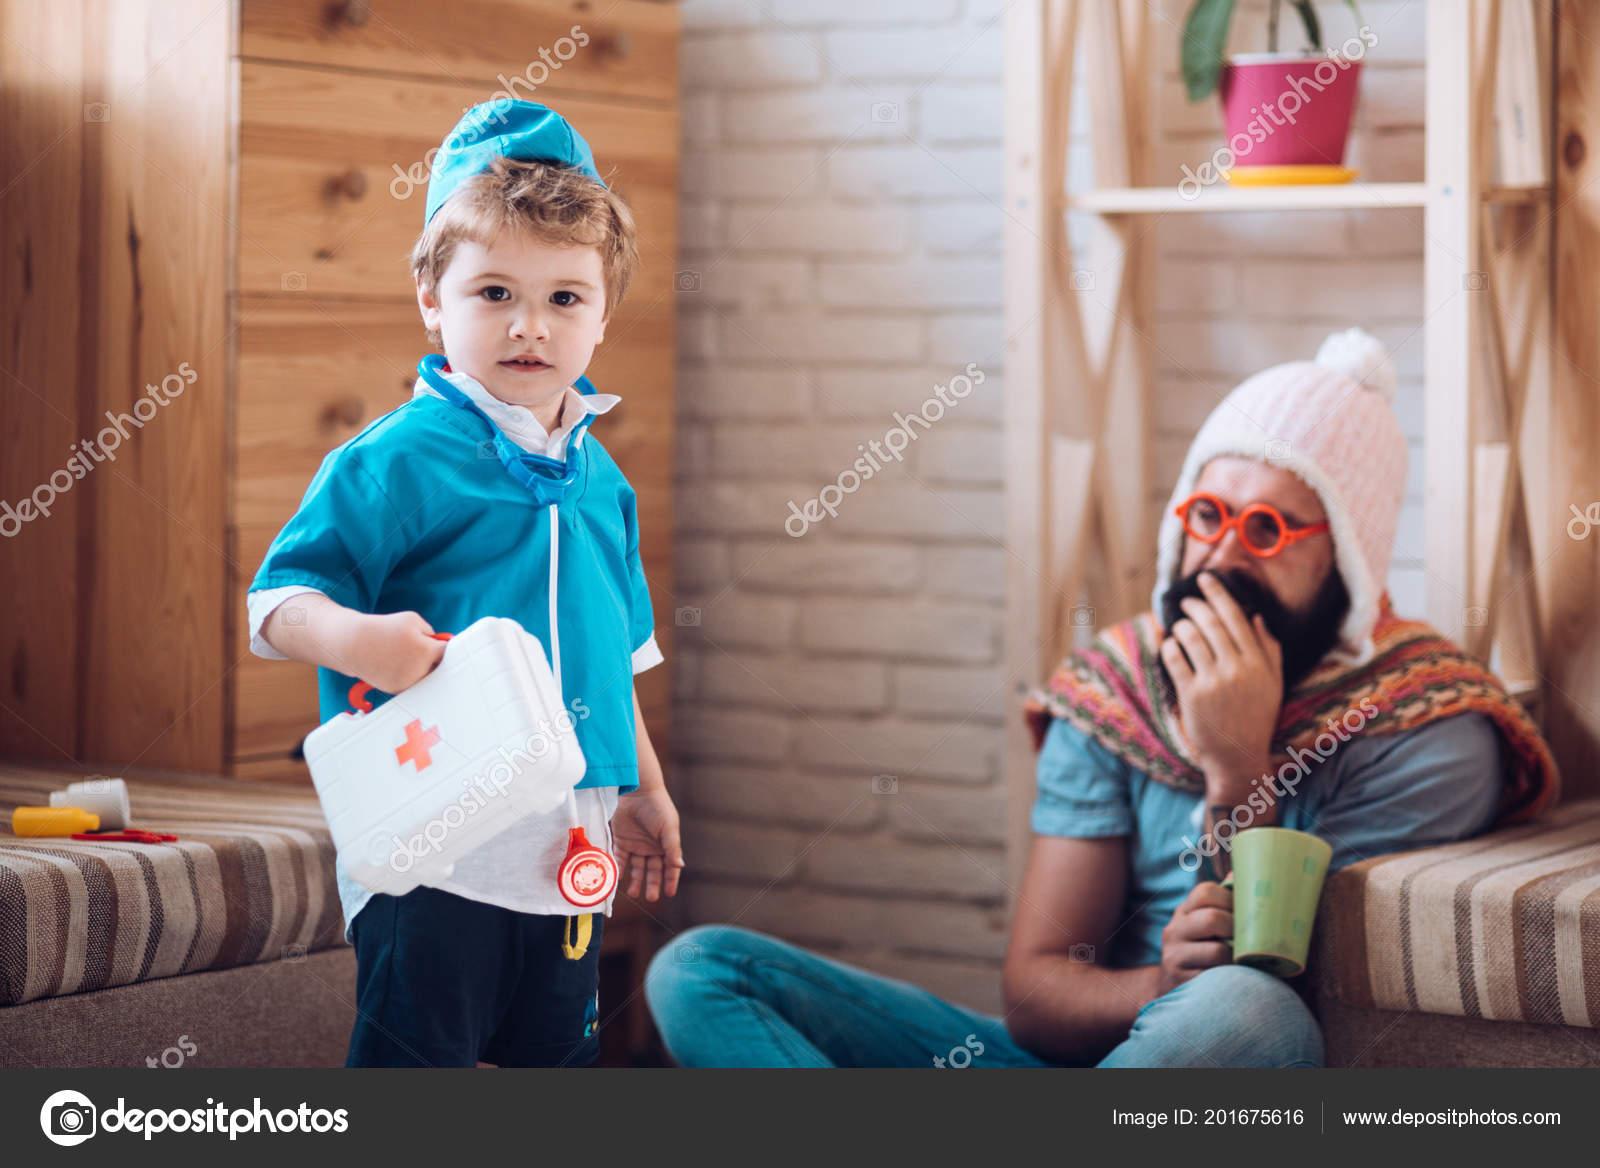 3cf700fa02263 Medicina e saúde. Perito médico confiante. Rapaz de uniforme médico tratar  o paciente. Filho com caixa de primeiros socorros